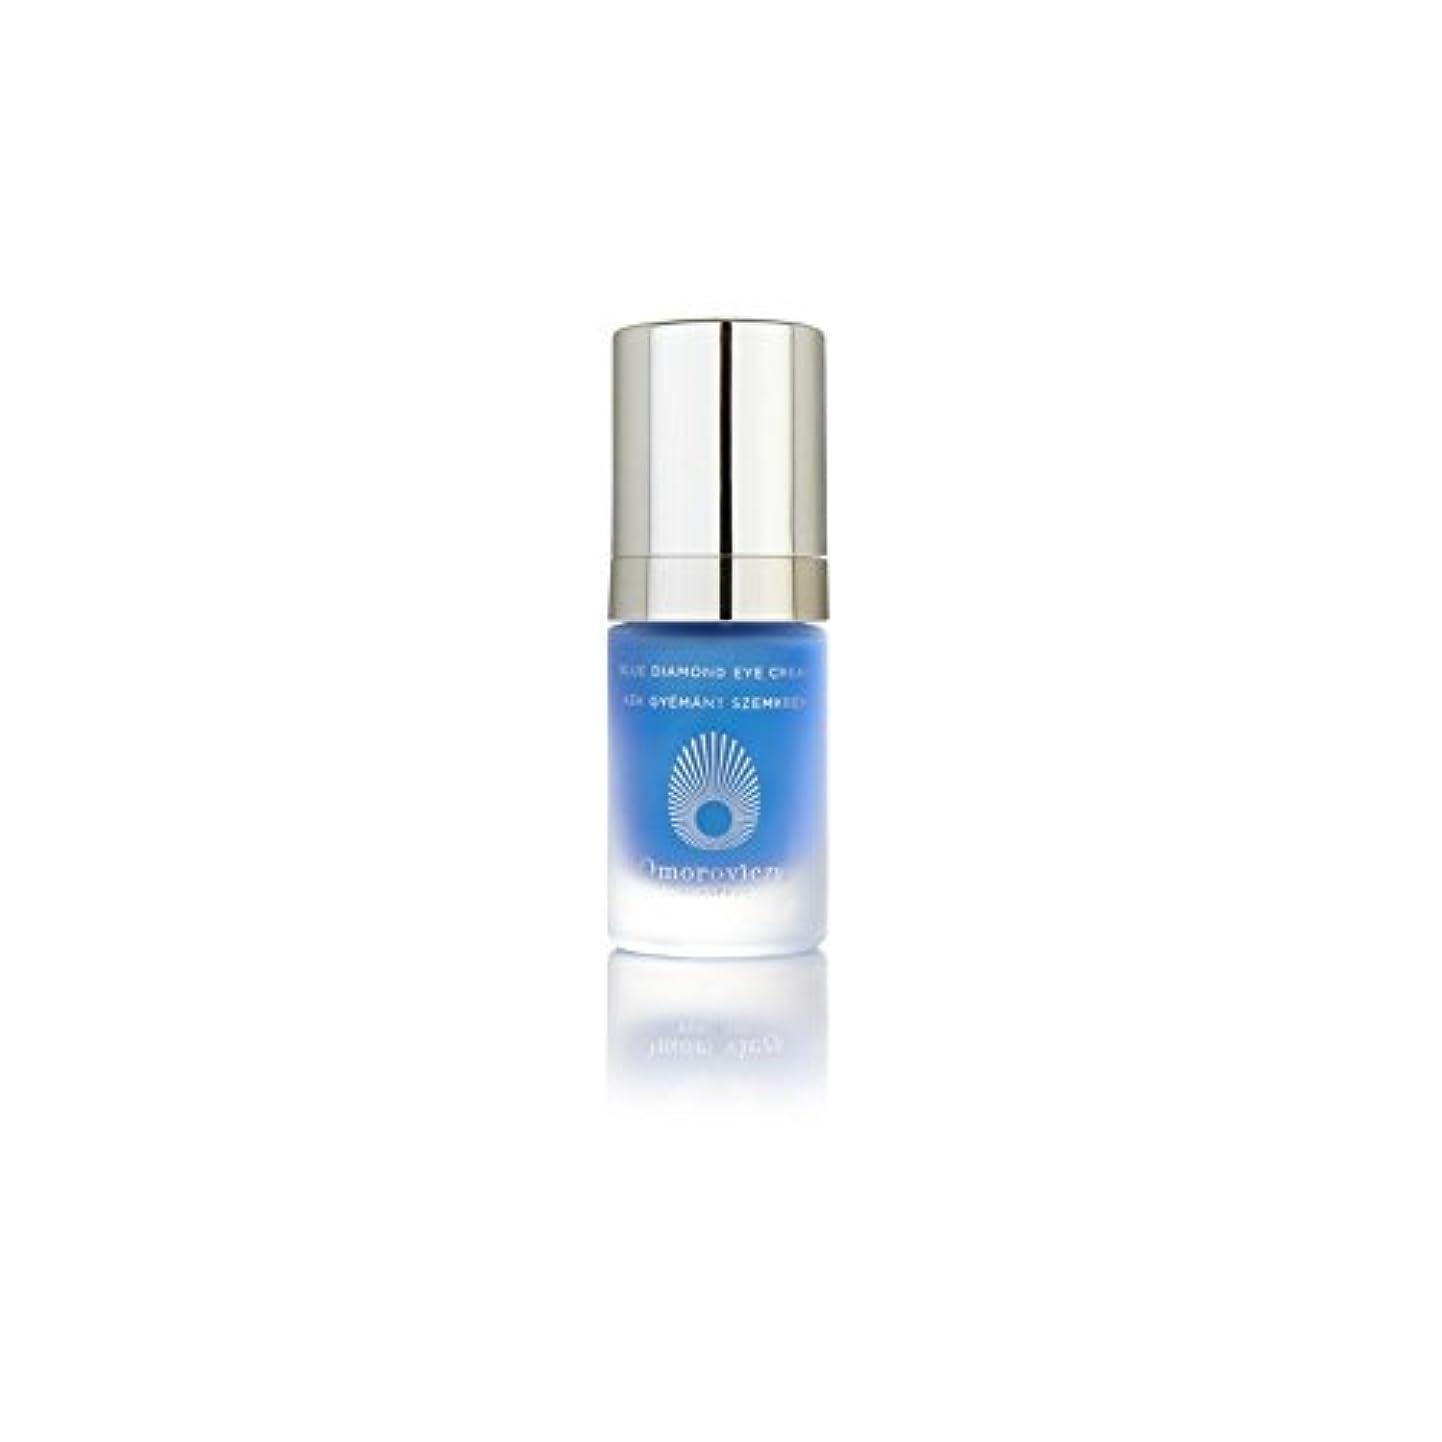 間違えた安いです罪悪感Omorovicza Blue Diamond Eye Cream (15ml) (Pack of 6) - ブルーダイヤモンドアイクリーム(15ミリリットル) x6 [並行輸入品]